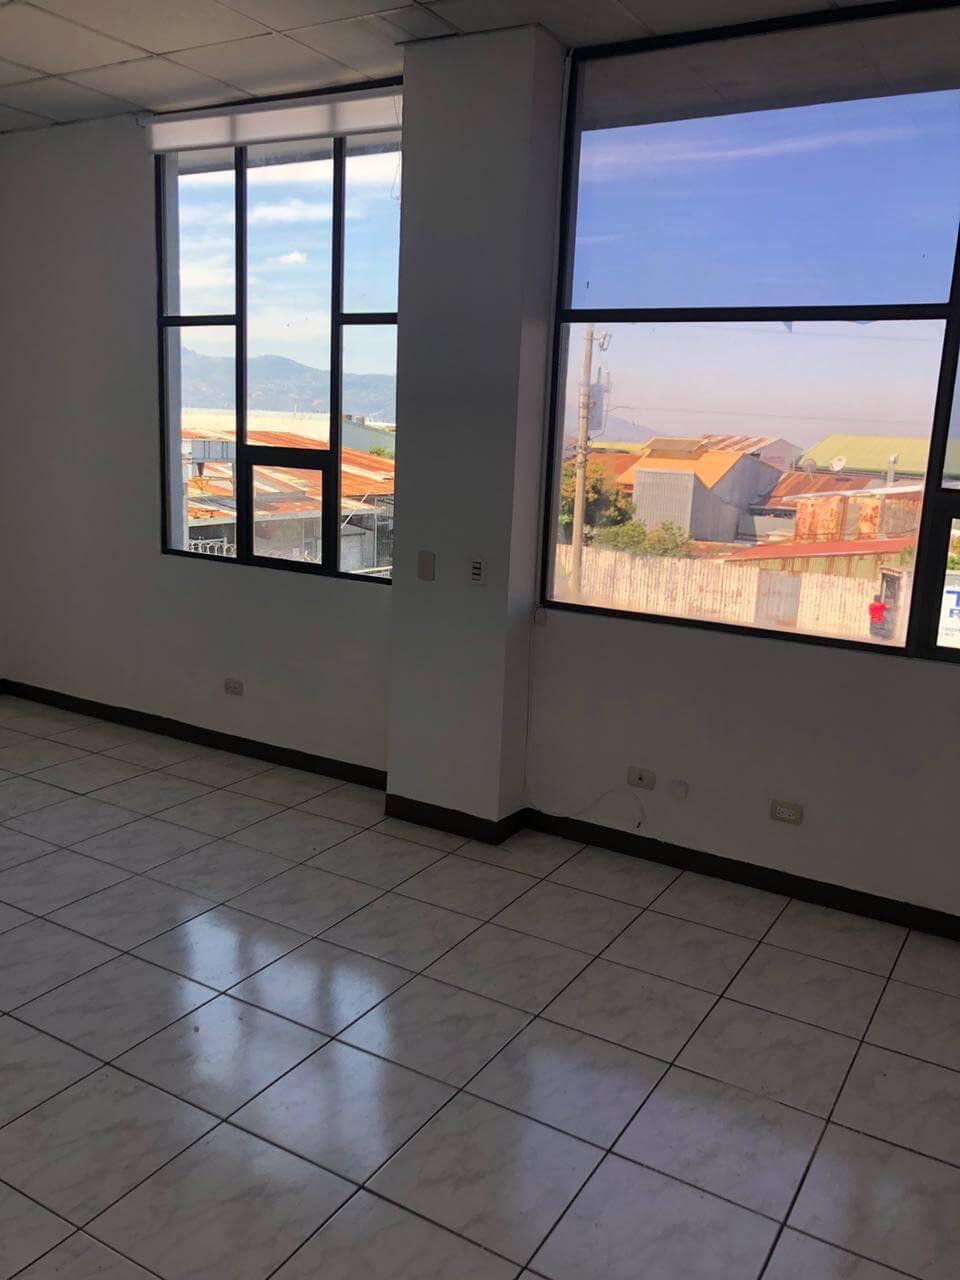 Alquiler de Local comercial, estratégicamente muy bien ubicado en Tibás Centro.